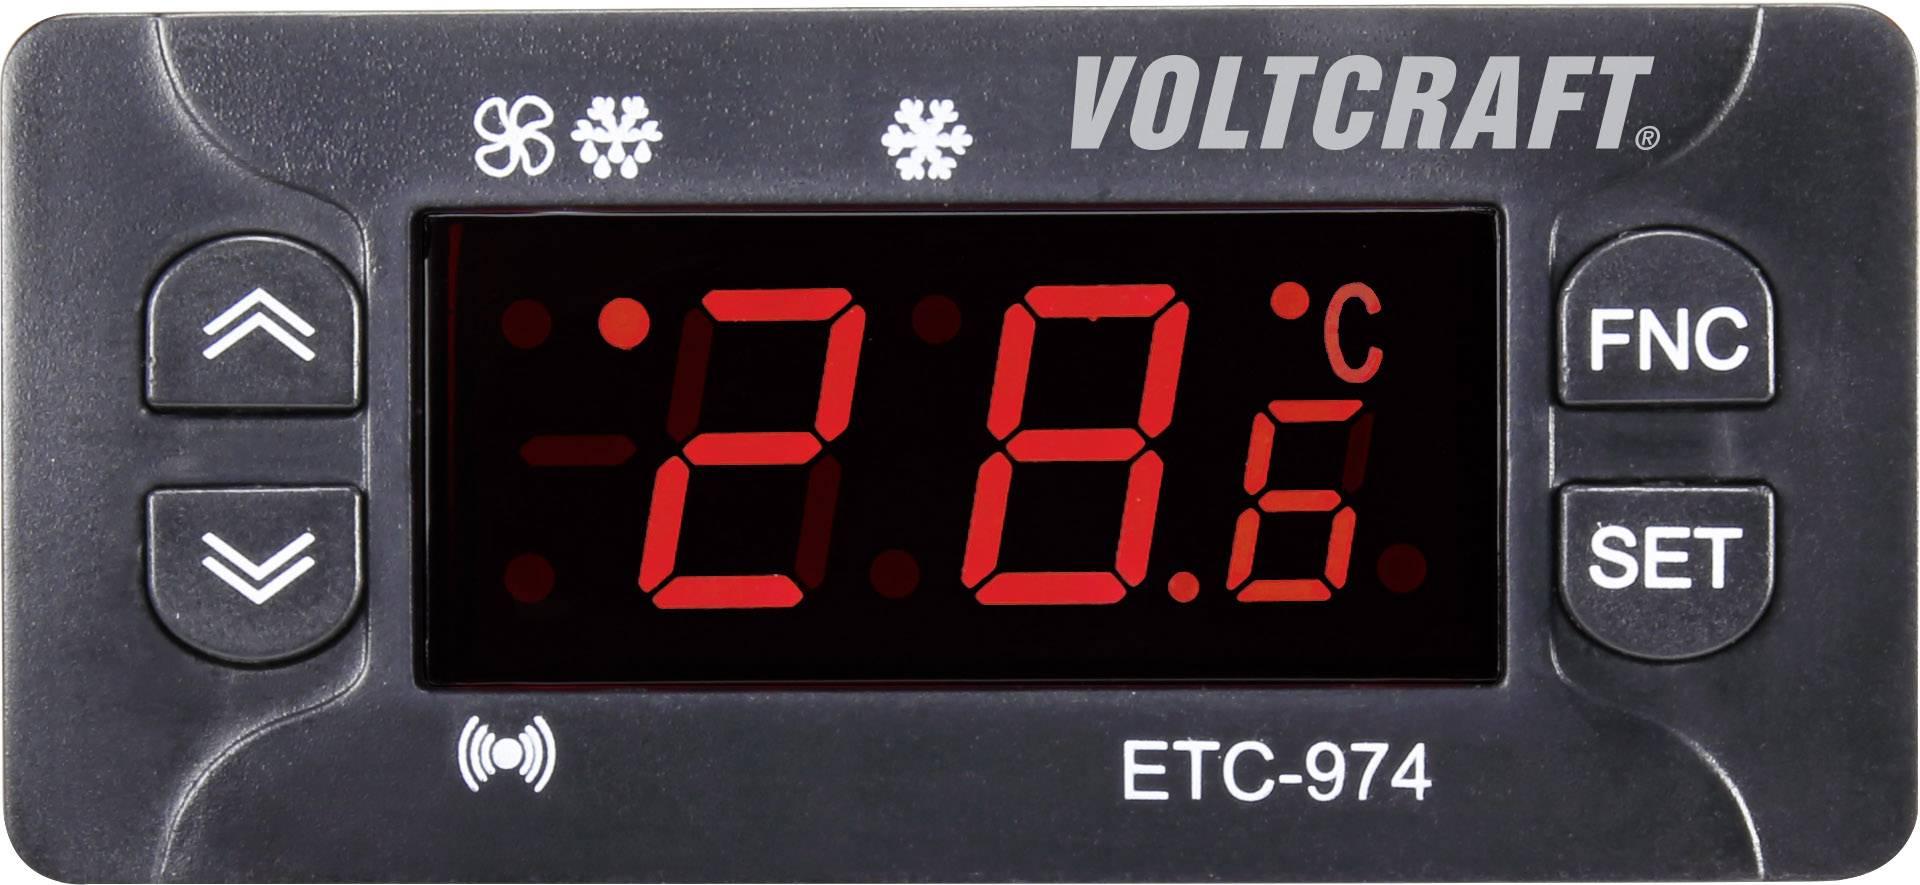 Termostat VOLTCRAFT ETC-974 ETC-974